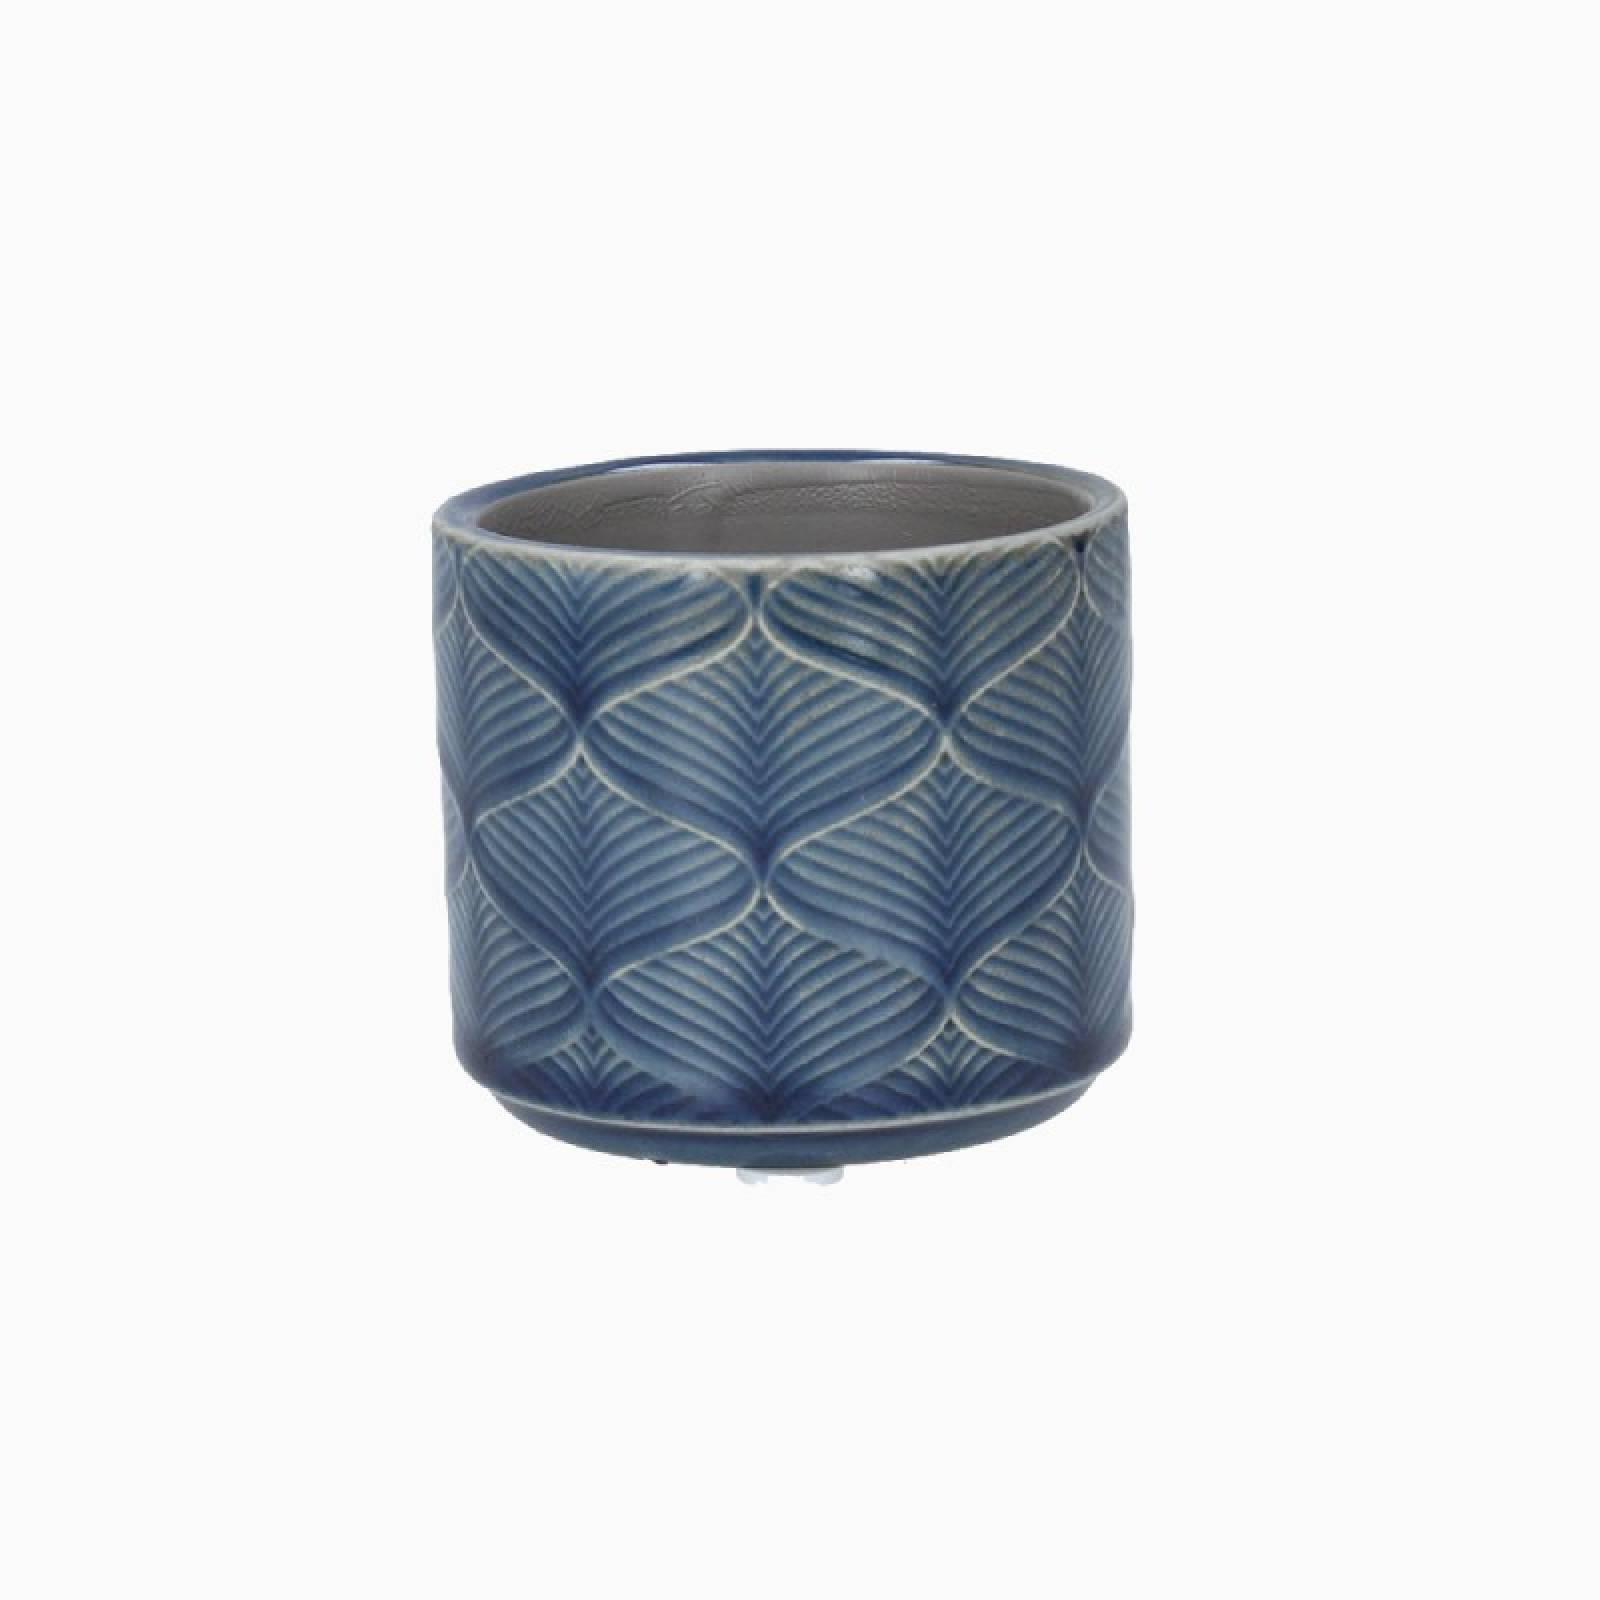 Mini Wavy Ceramic Flower Pot Cover In Navy